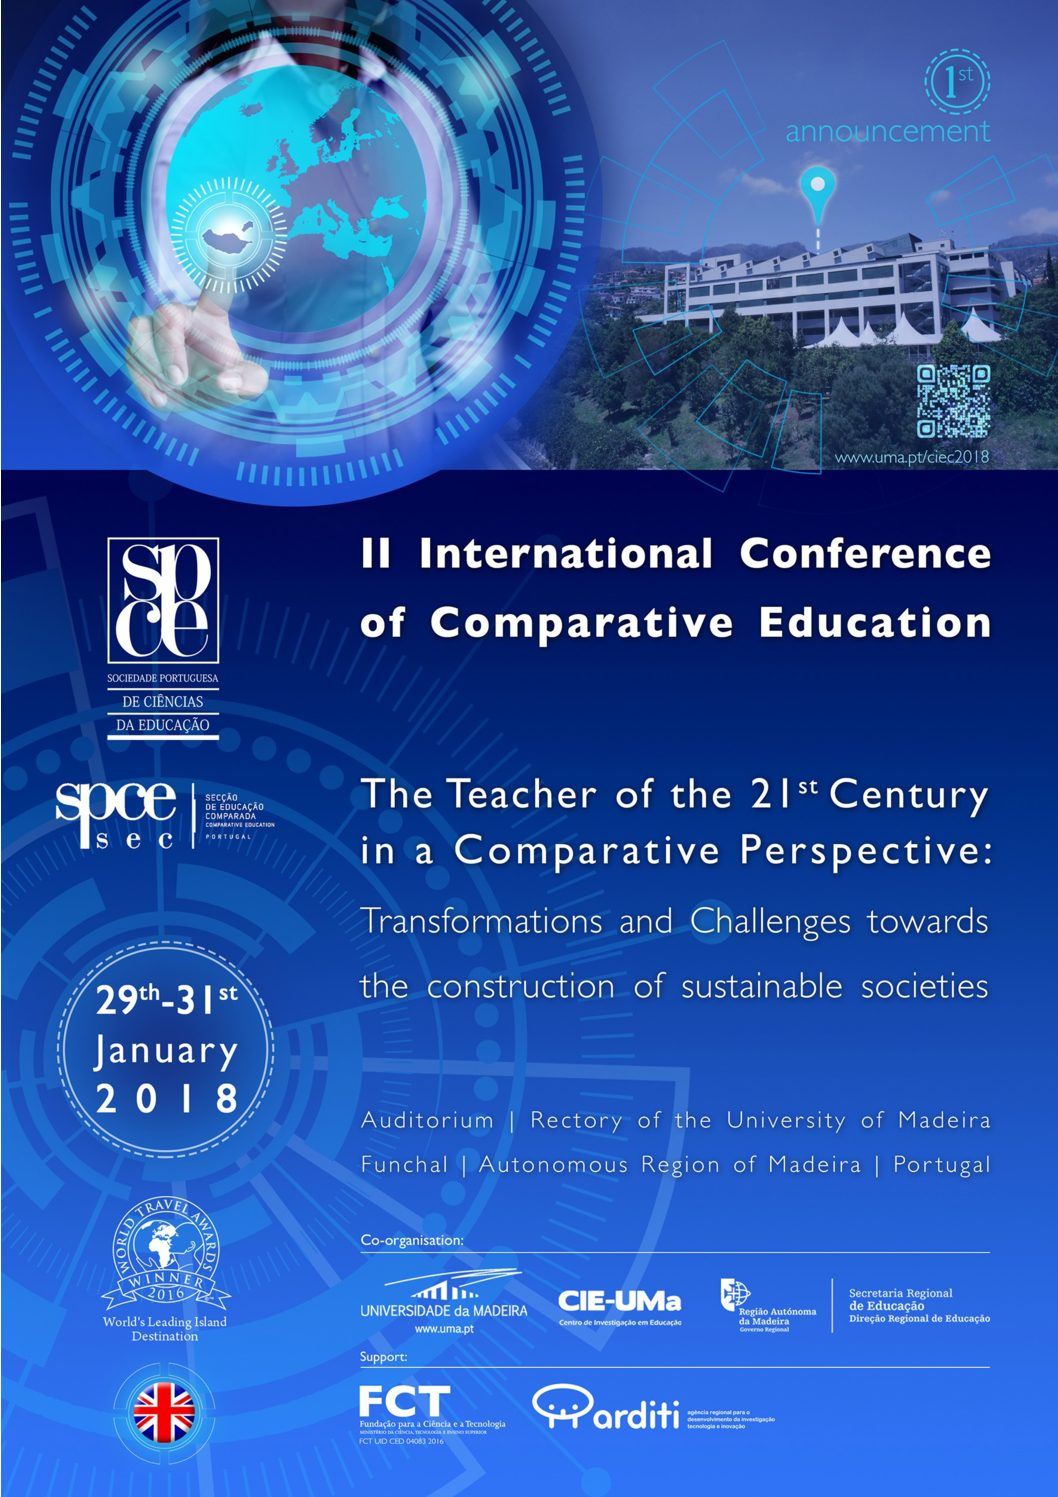 II Conferência Internacional de Educação Comparada, Portugal, 29-31 enero 2018.